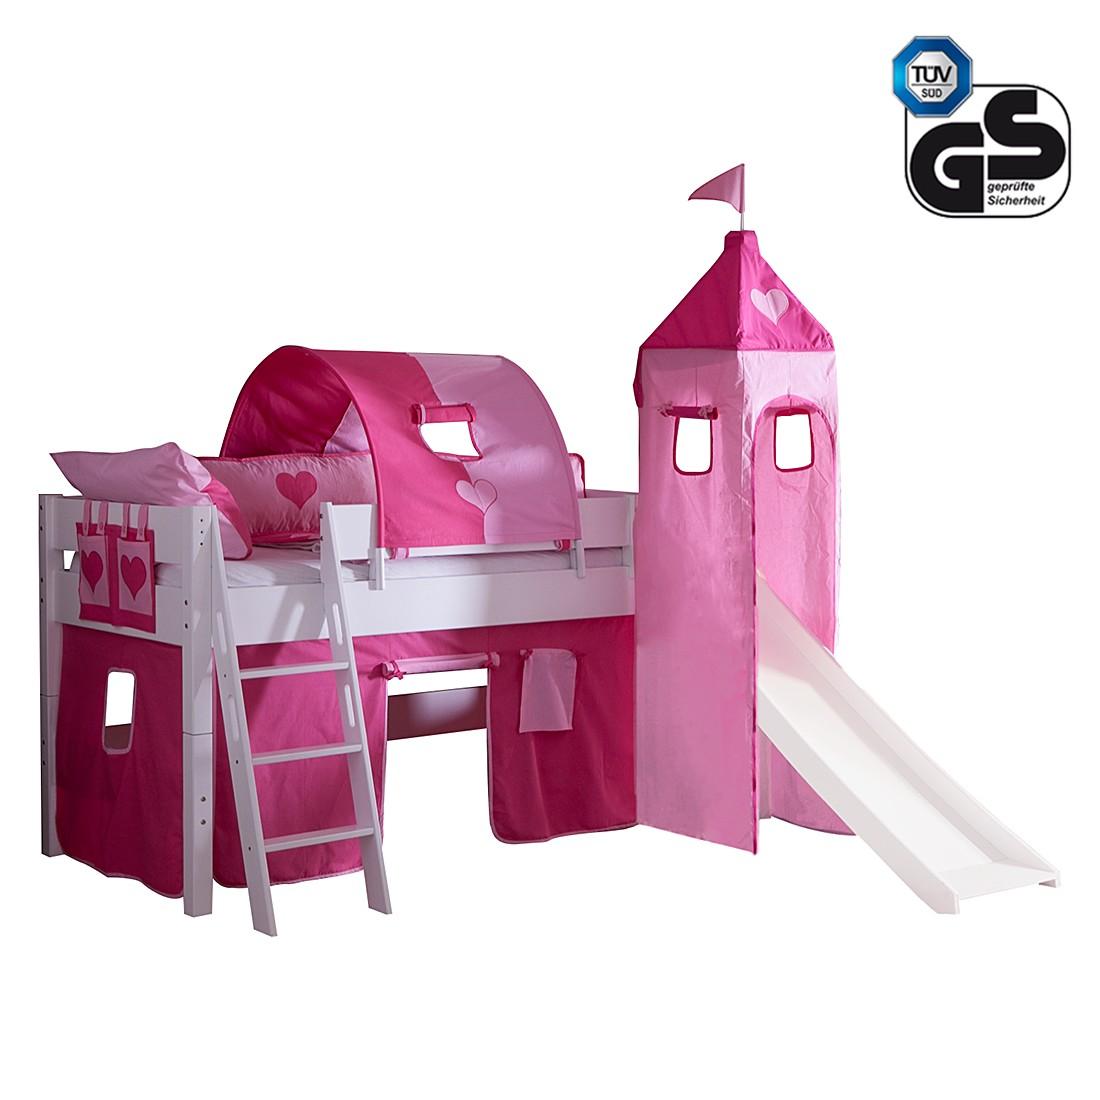 Spielbett Kim – Massivholz Buche – Weiß lackiert – mit Rutsche, Turm und Textilset in Pink/Rosa, Relita kaufen